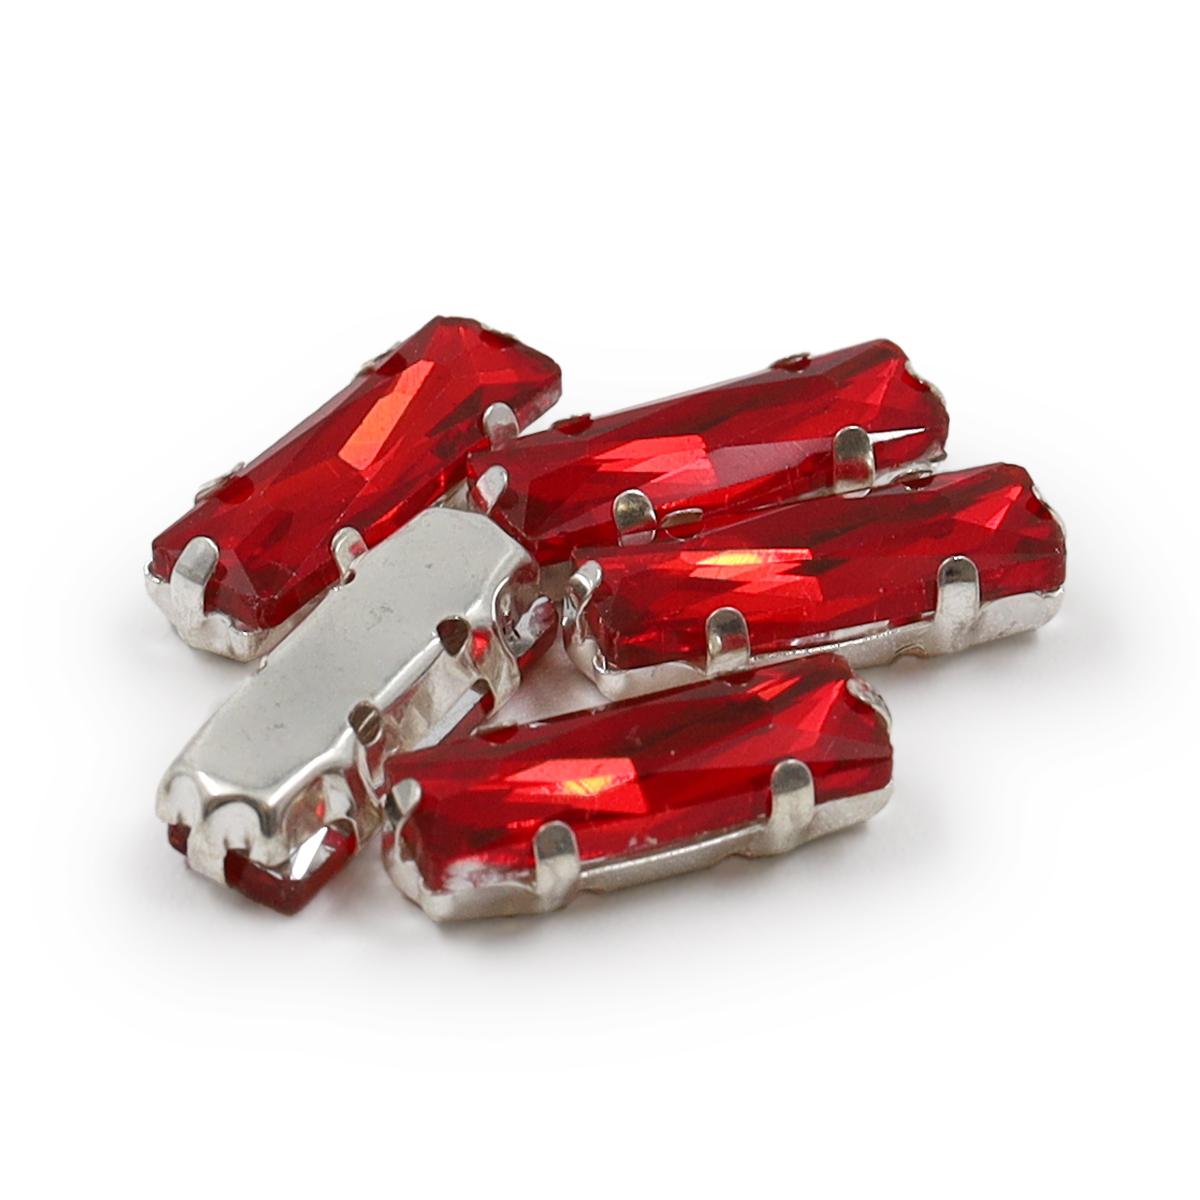 ДЦ001НН515 Хрустальные стразы в цапах прямоугольные (серебро) красный 15мм, 5шт/упак Астра